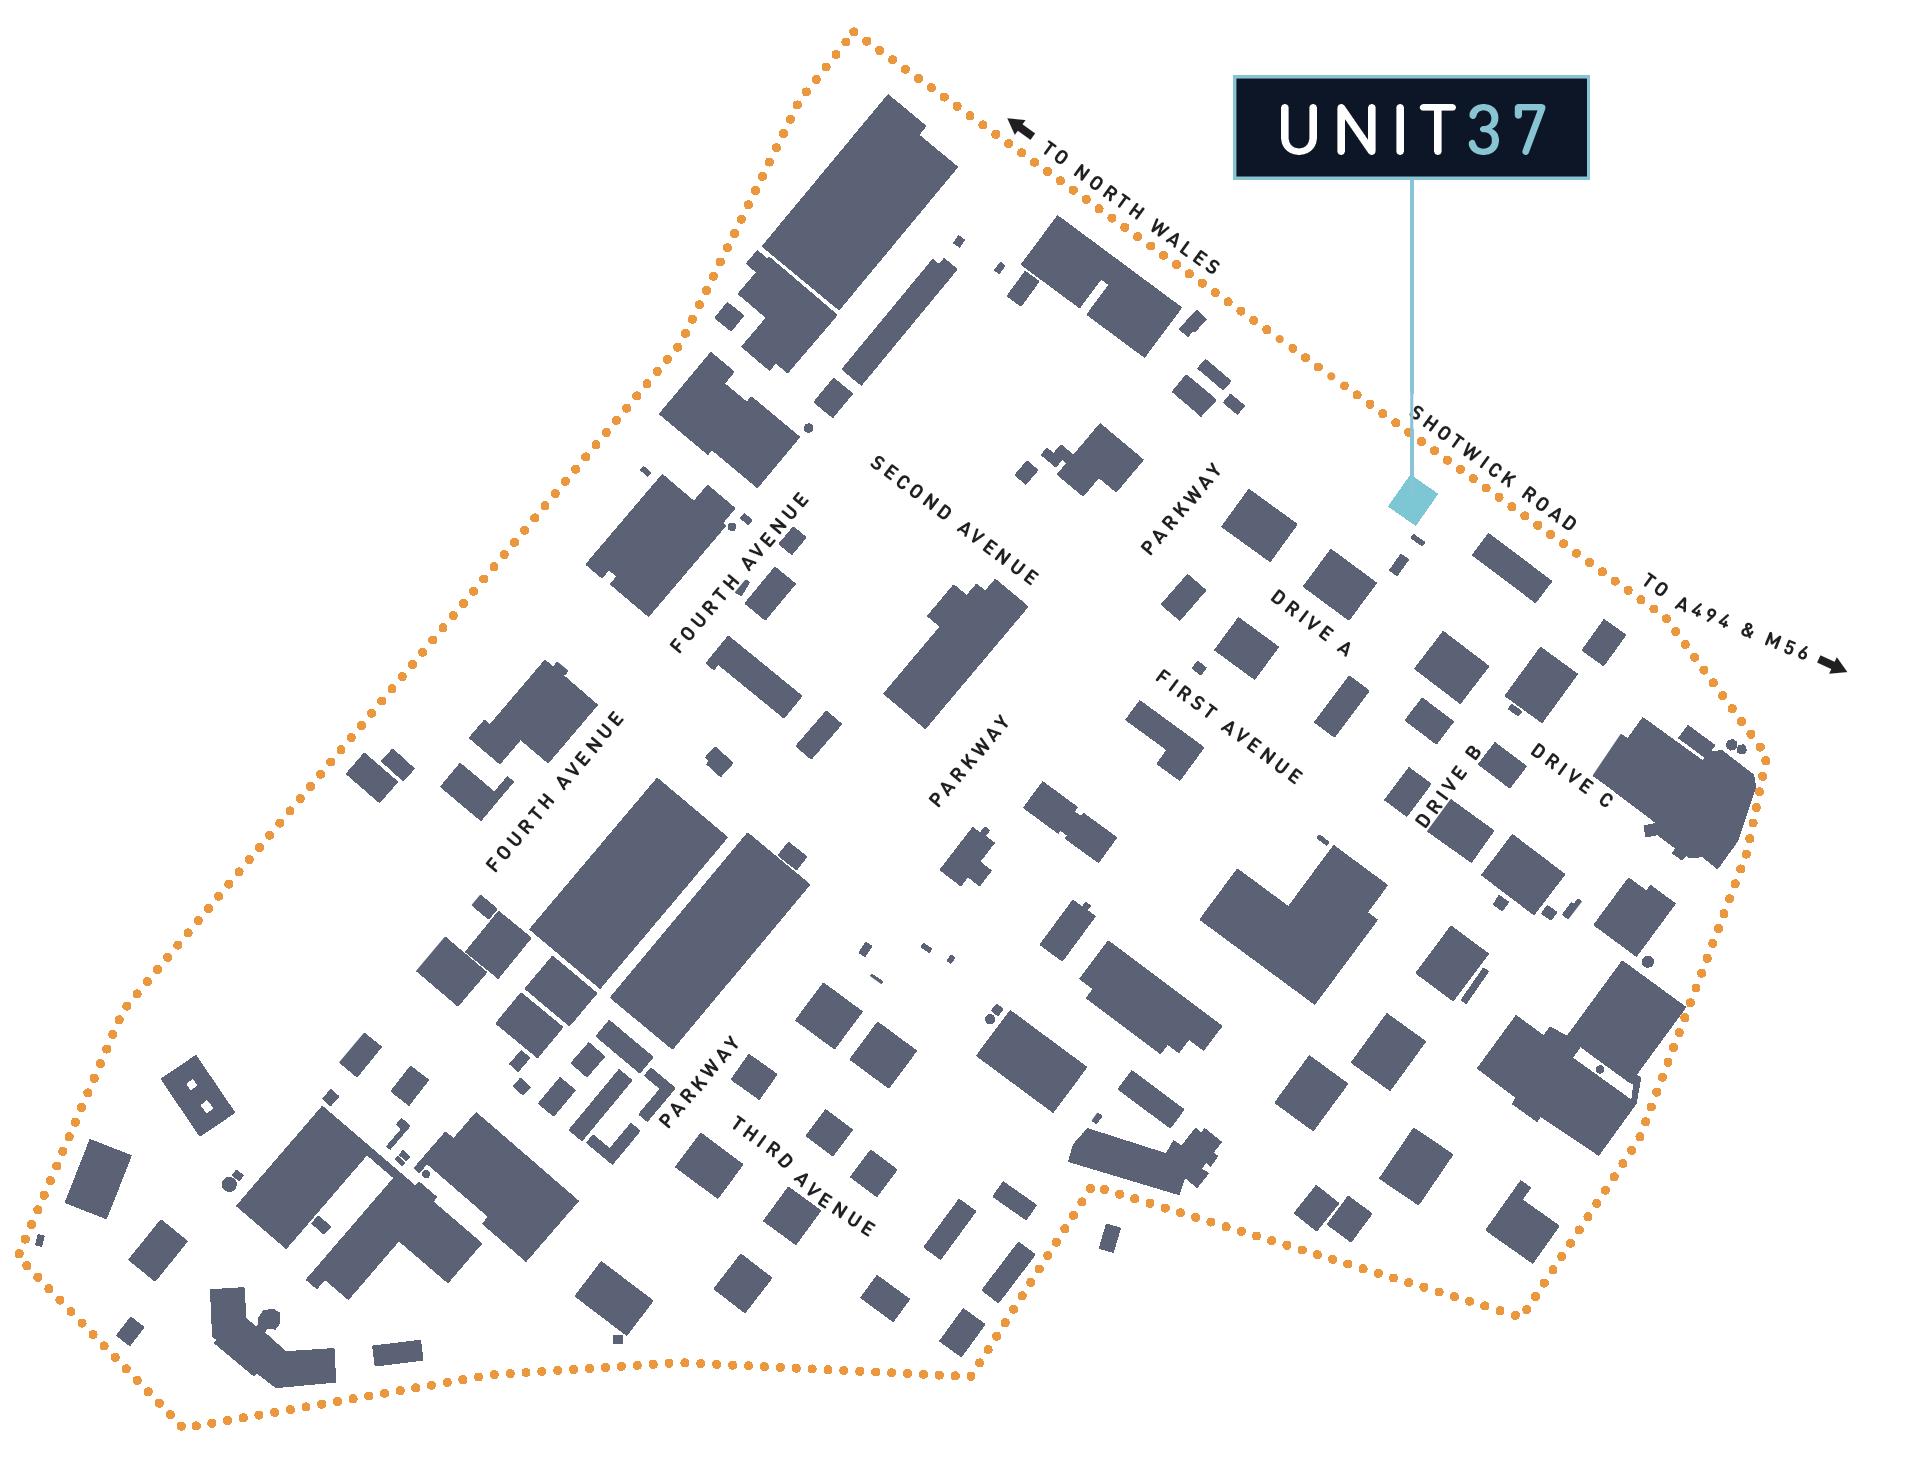 Unit 37 Plan